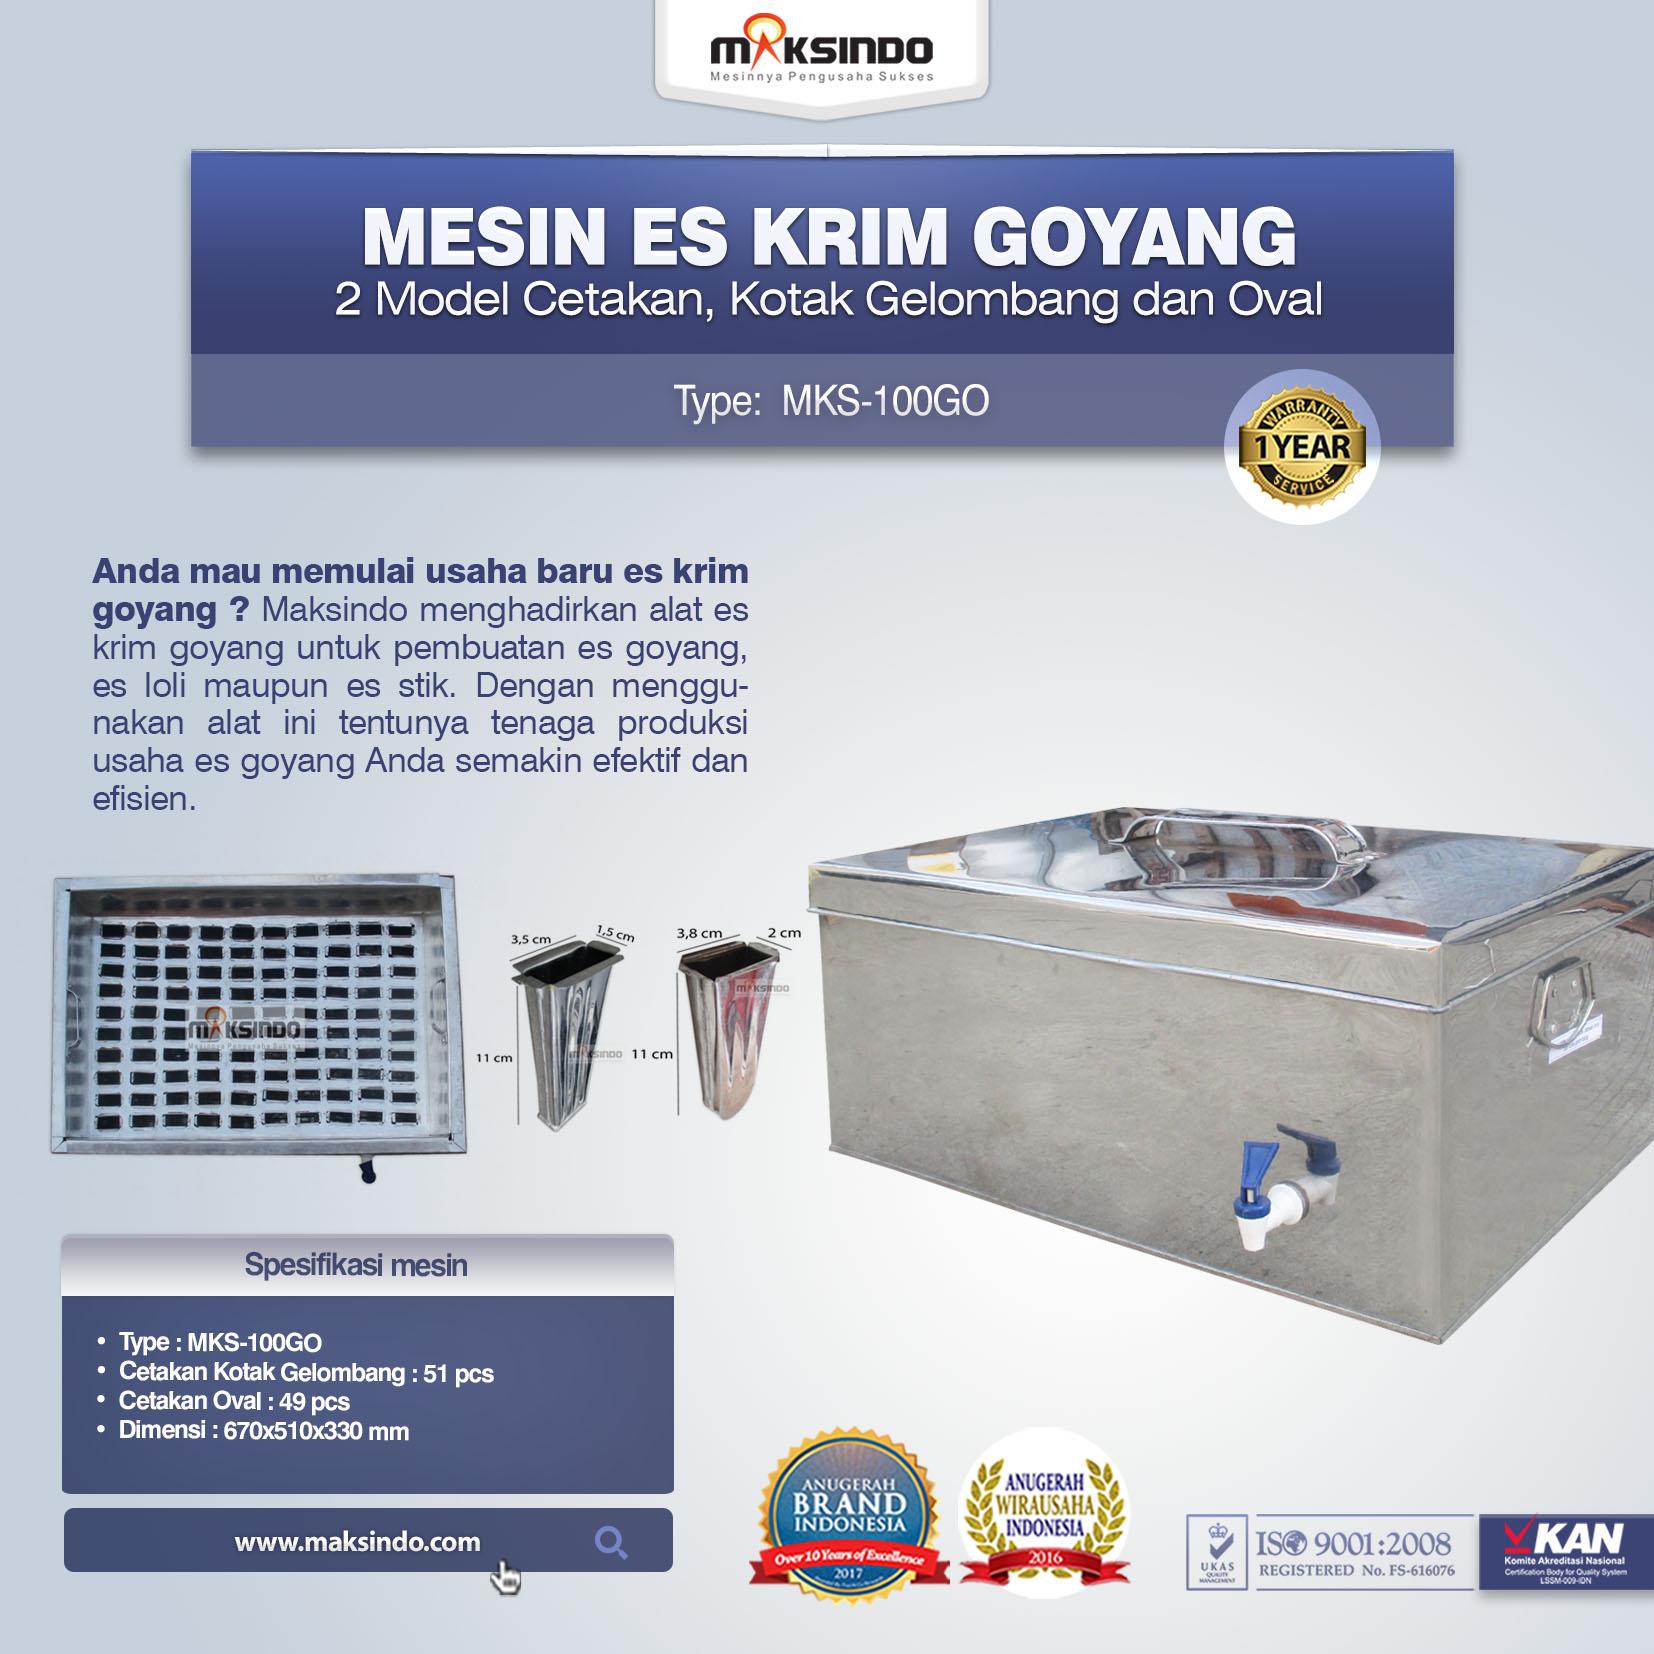 Mesin Es Krim Goyang MKS-100GO